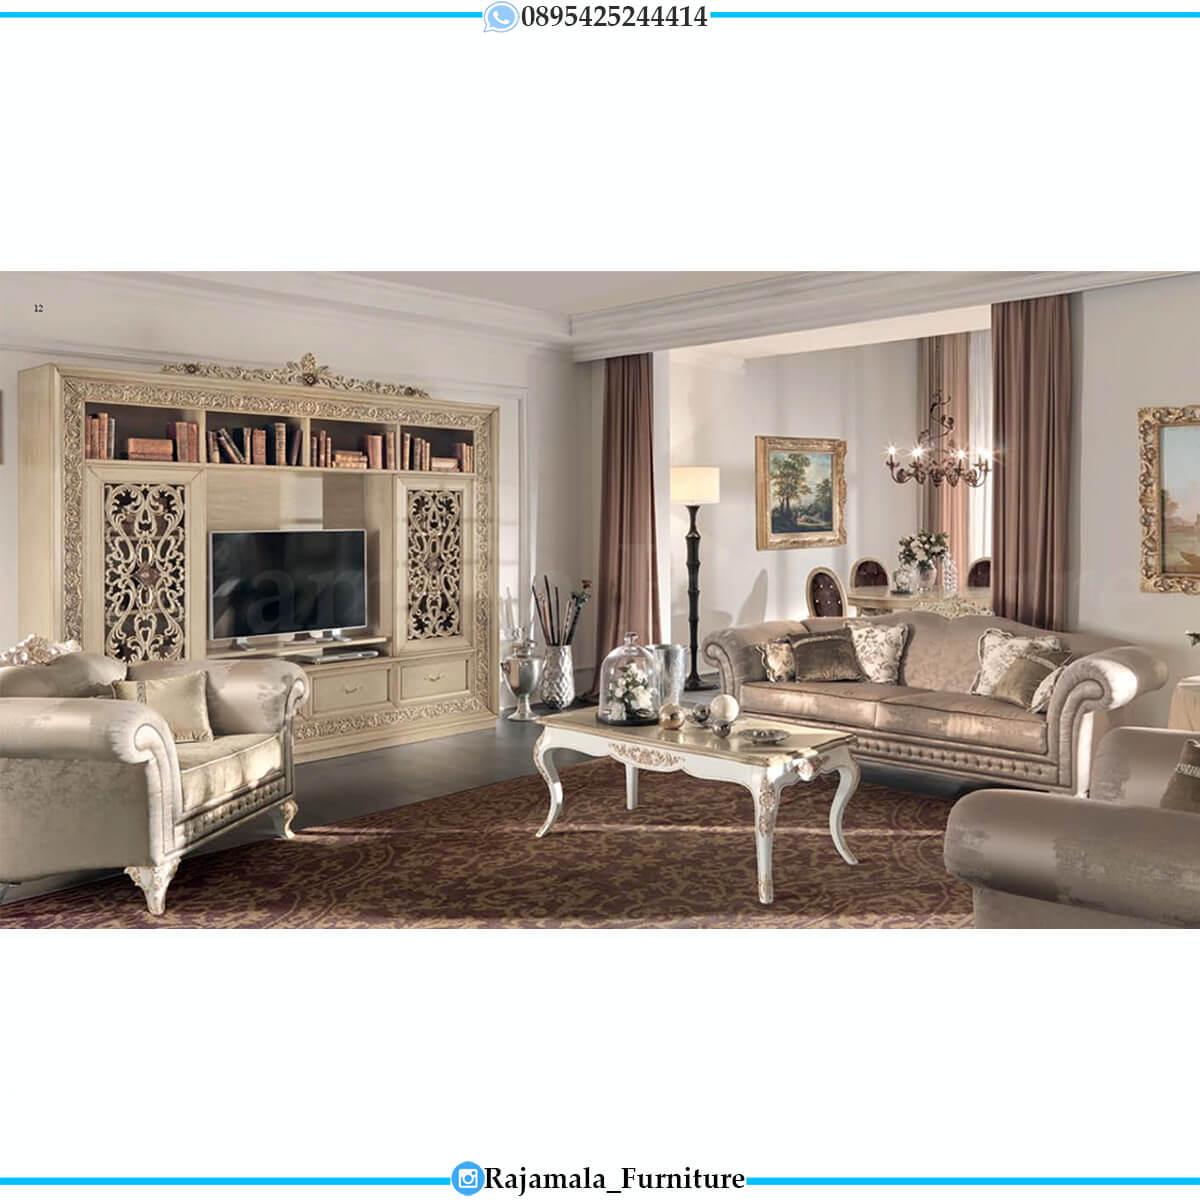 Desain Sofa Tamu Mewah Jepara Luxury Carving Best Seller RM-0745